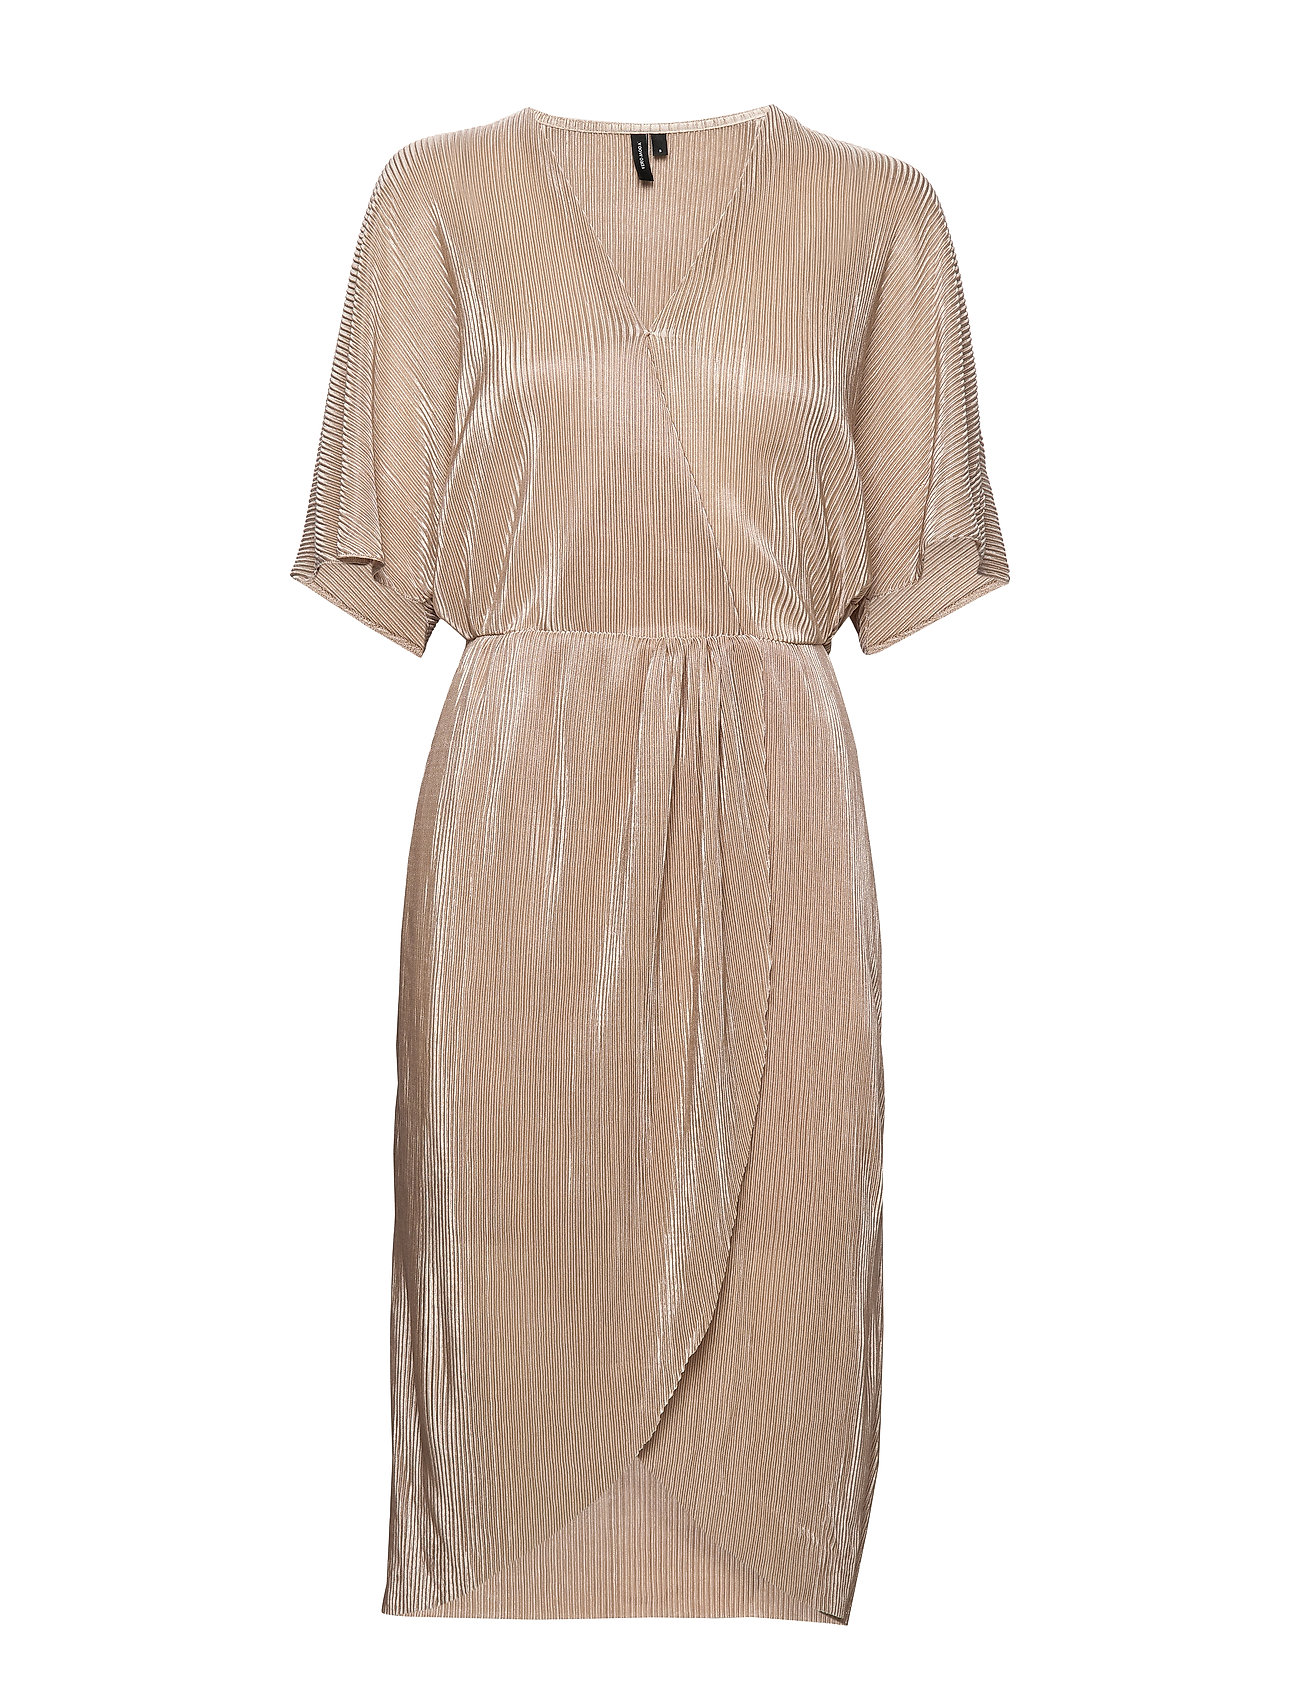 Vero Moda VMDAGNY 2/4 BLK DRESS JRS KI - BIRCH